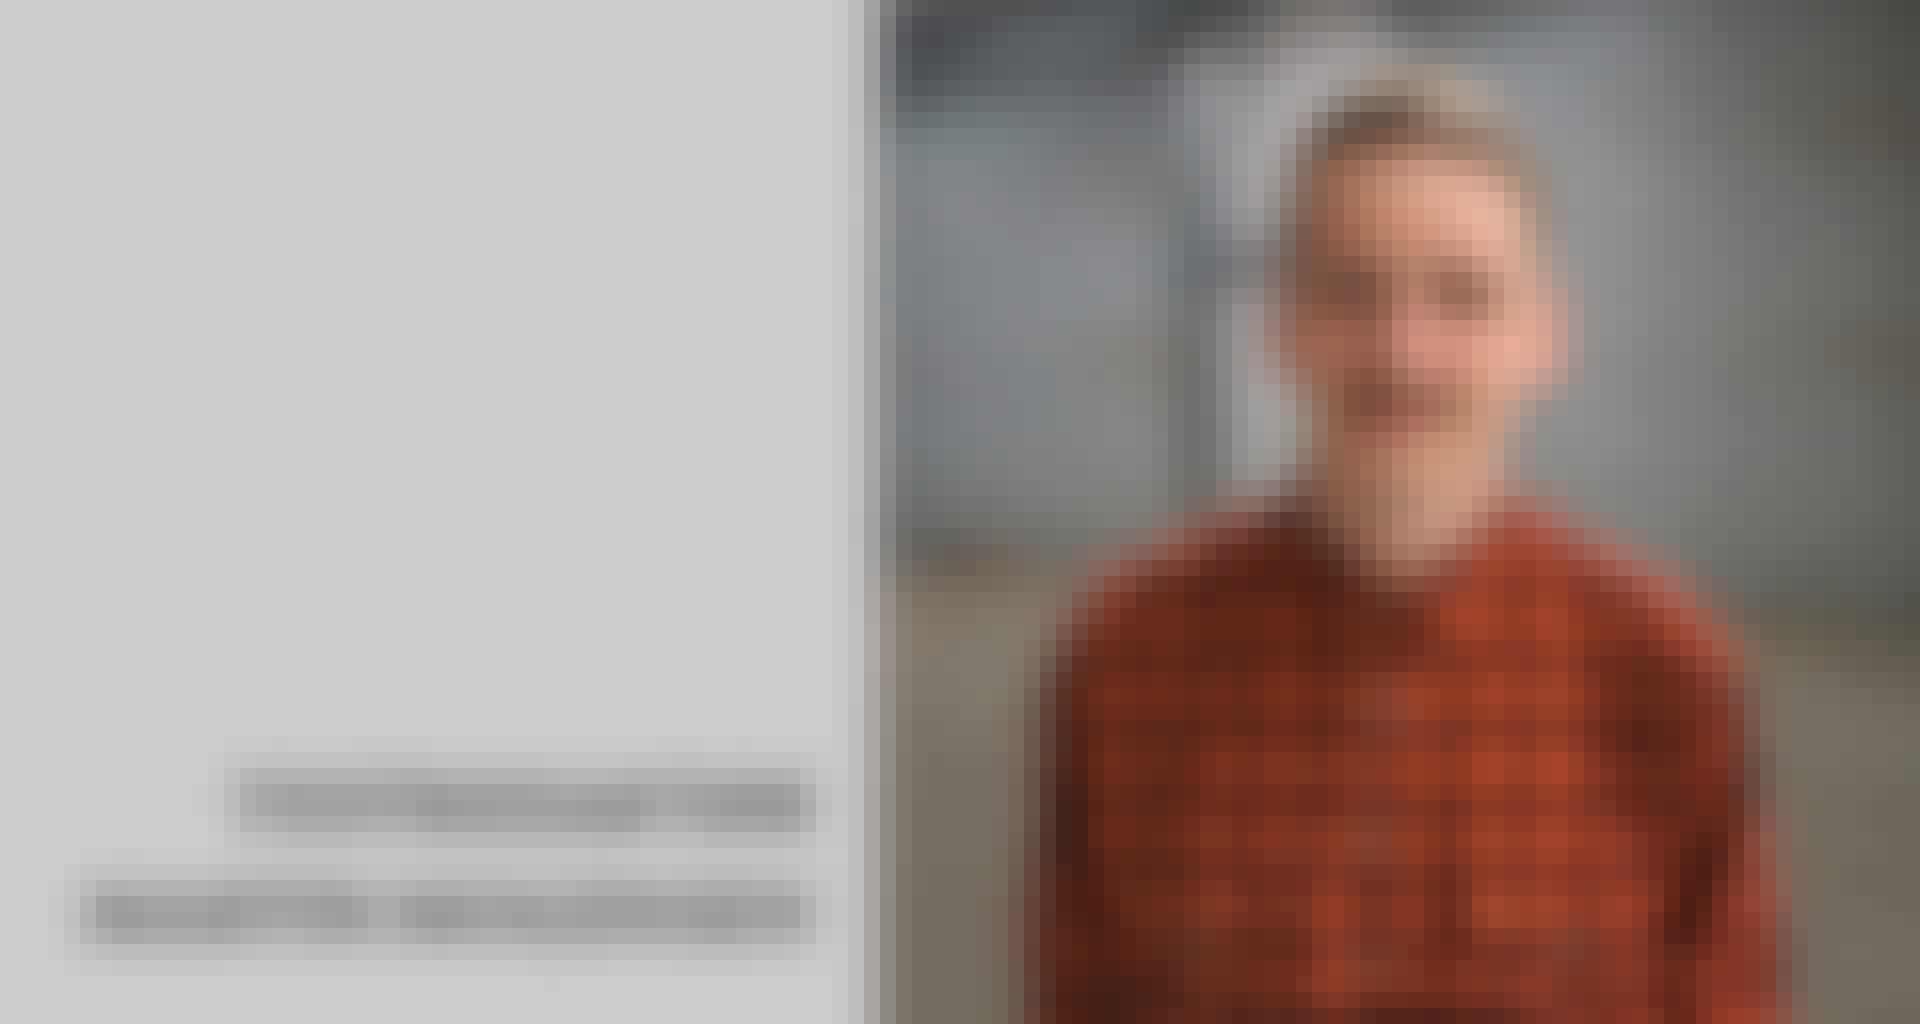 Testredaktør Martin Mogensen